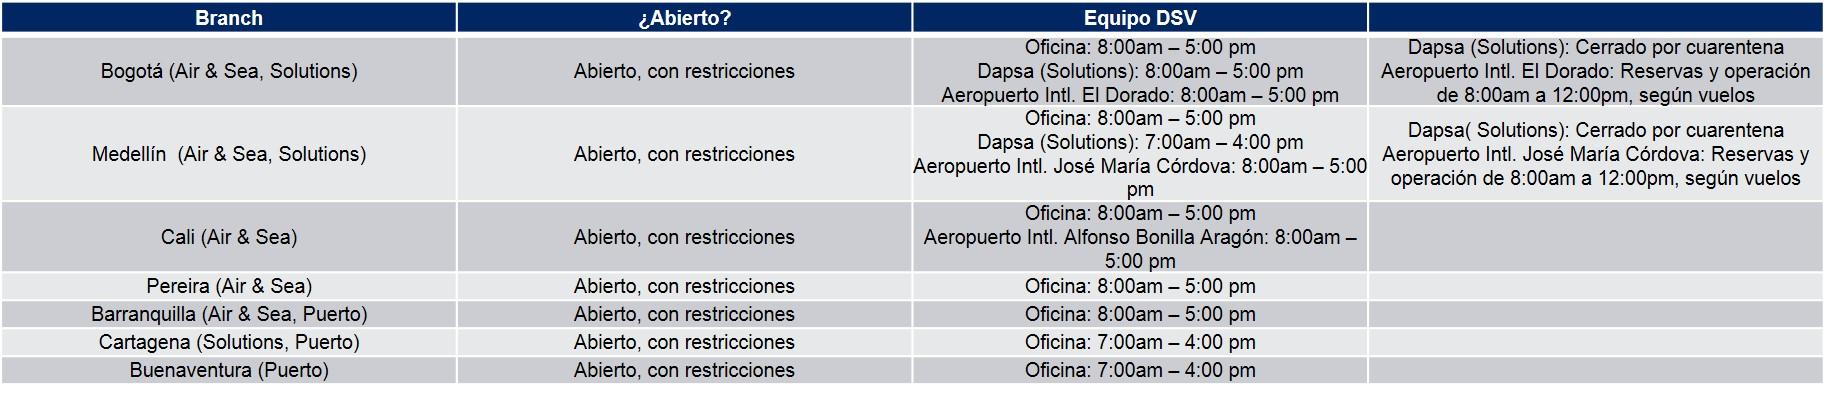 Tabla Operaciones Colombia COVID-19 03-04-20